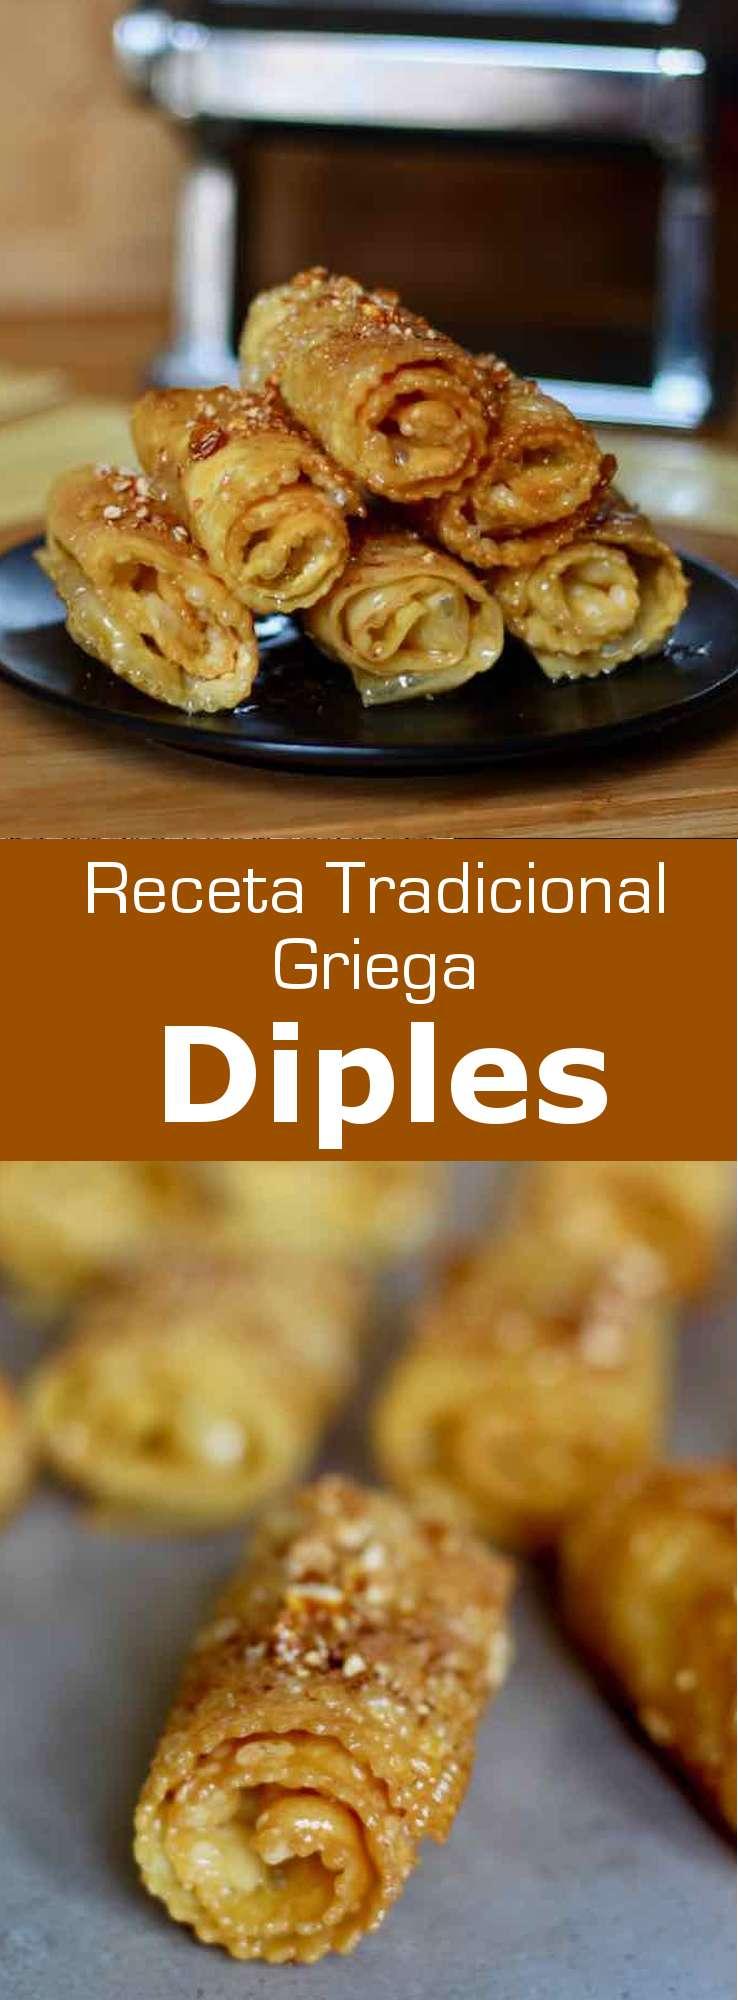 Los diples son pasteles griegos típicos de la región del Peloponeso, compuestas por una masa a base de huevo frita, bañadas en un jarabe de azúcar y miel, y decoradas con nueces trituradas y canela.